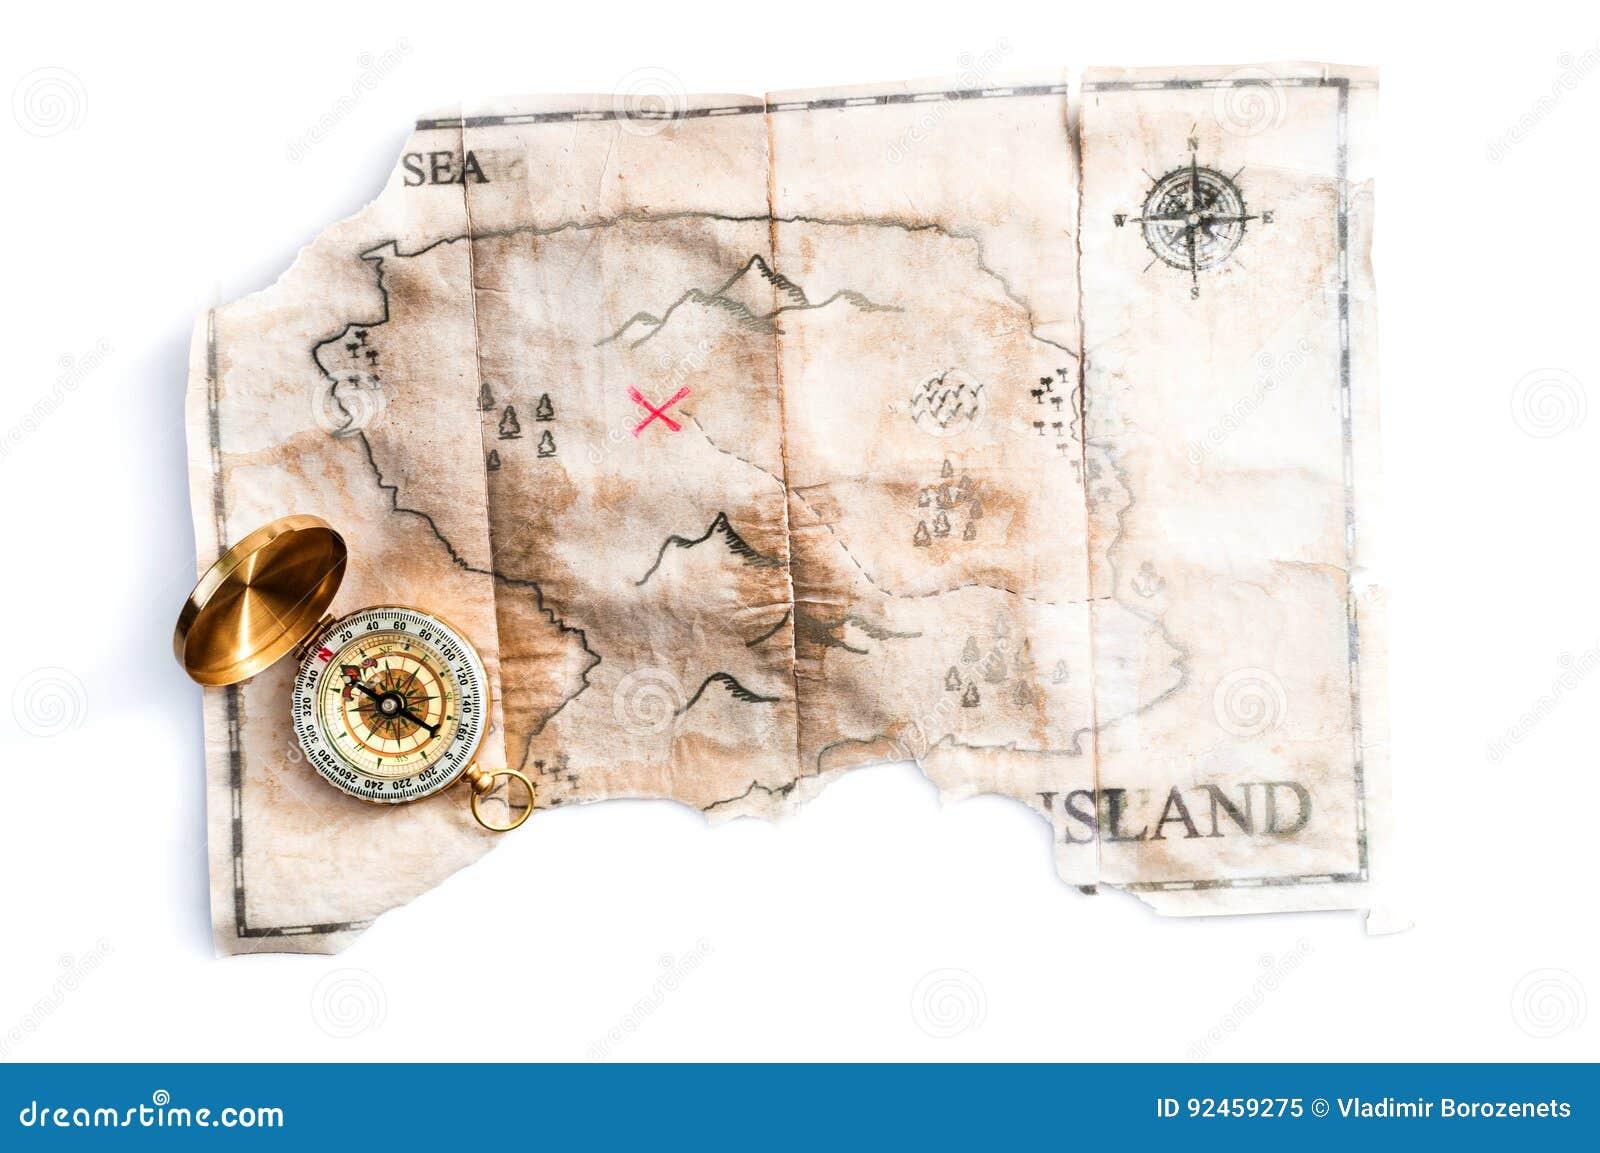 Διπλωμένος εκλεκτής ποιότητας χάρτης του πλαστού νησιού με το στήθος και την πυξίδα θησαυρών πειρατών